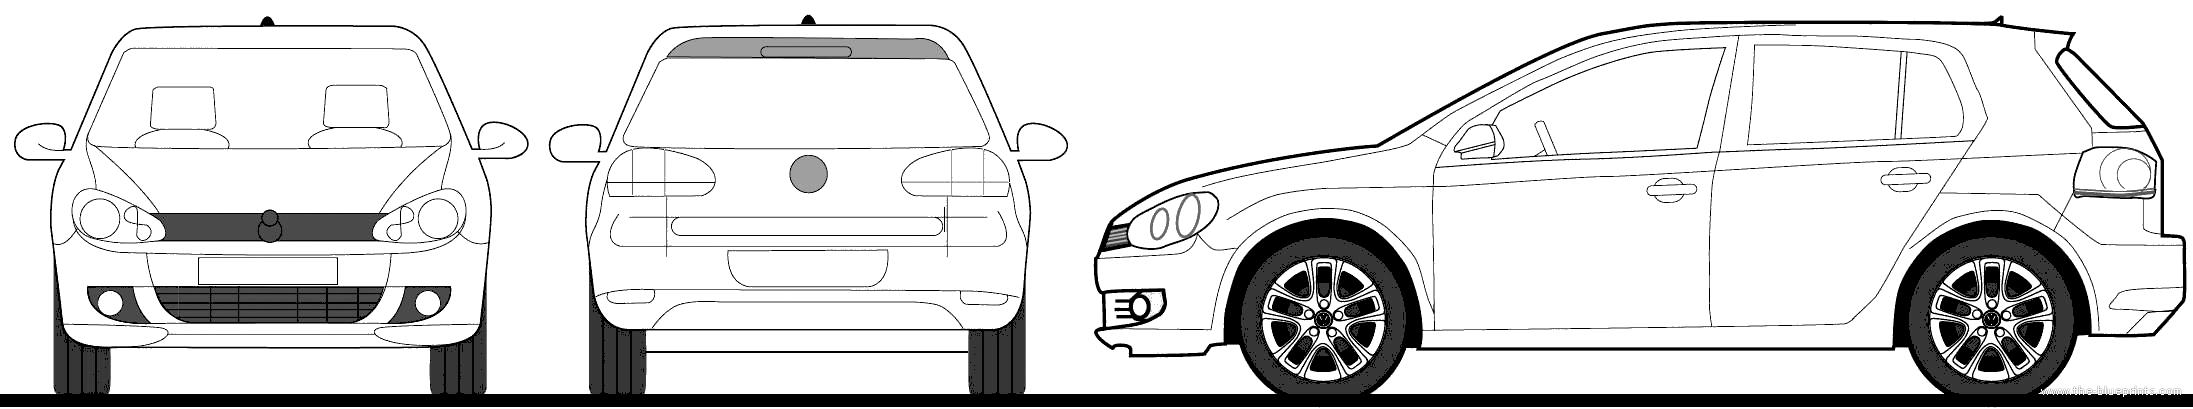 Blueprints > Cars > Volkswagen > Volkswagen Golf TSI 5-Door (2010)